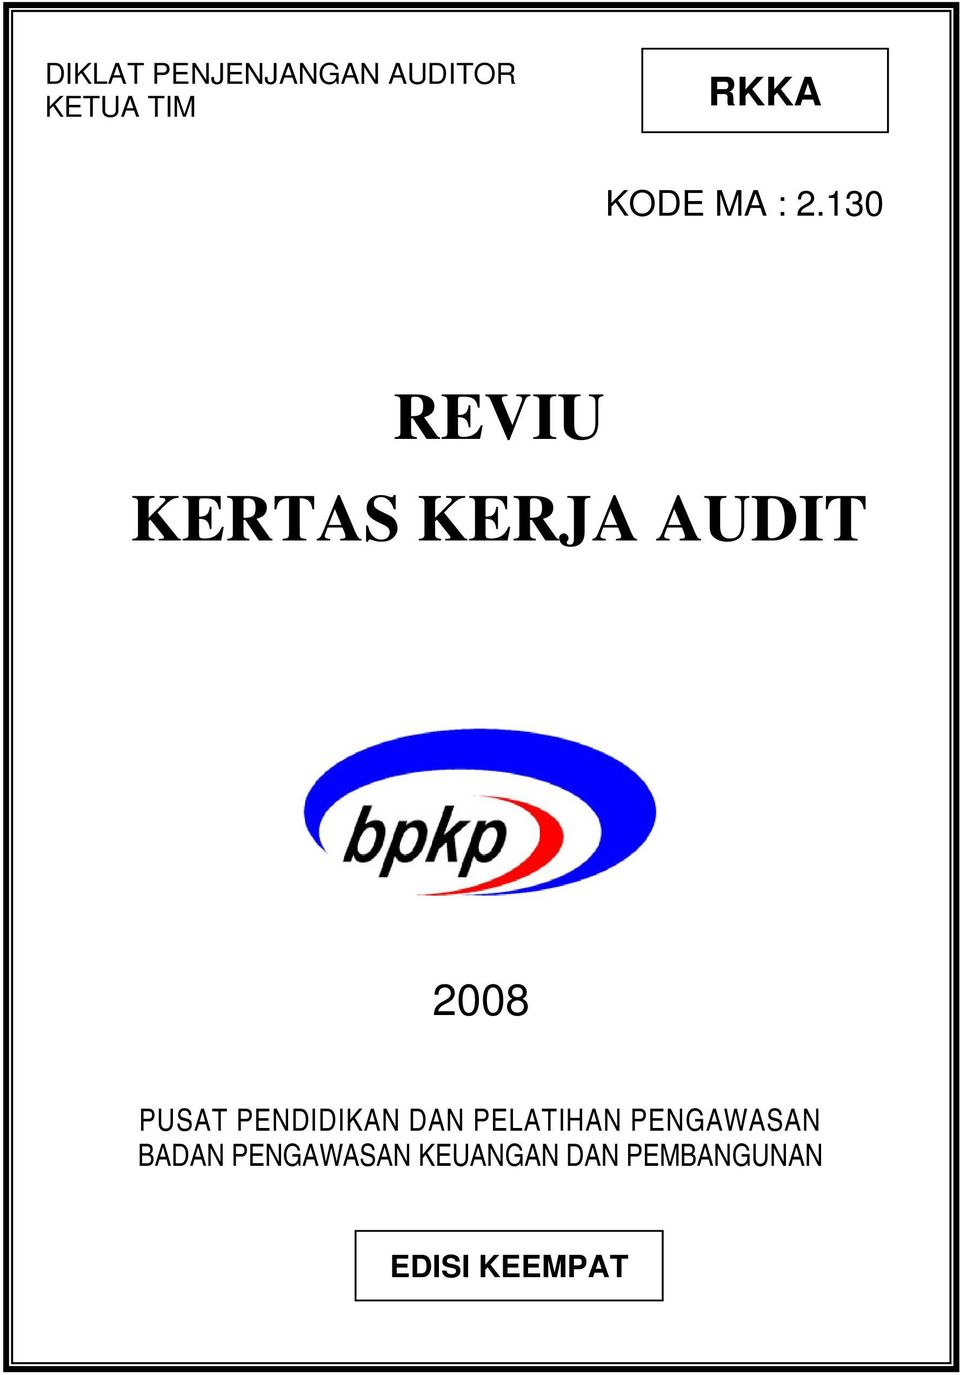 Contoh Kertas Kerja Audit Bpkp : contoh, kertas, kerja, audit, REVIU, KERTAS, KERJA, AUDIT, Download, Gratis